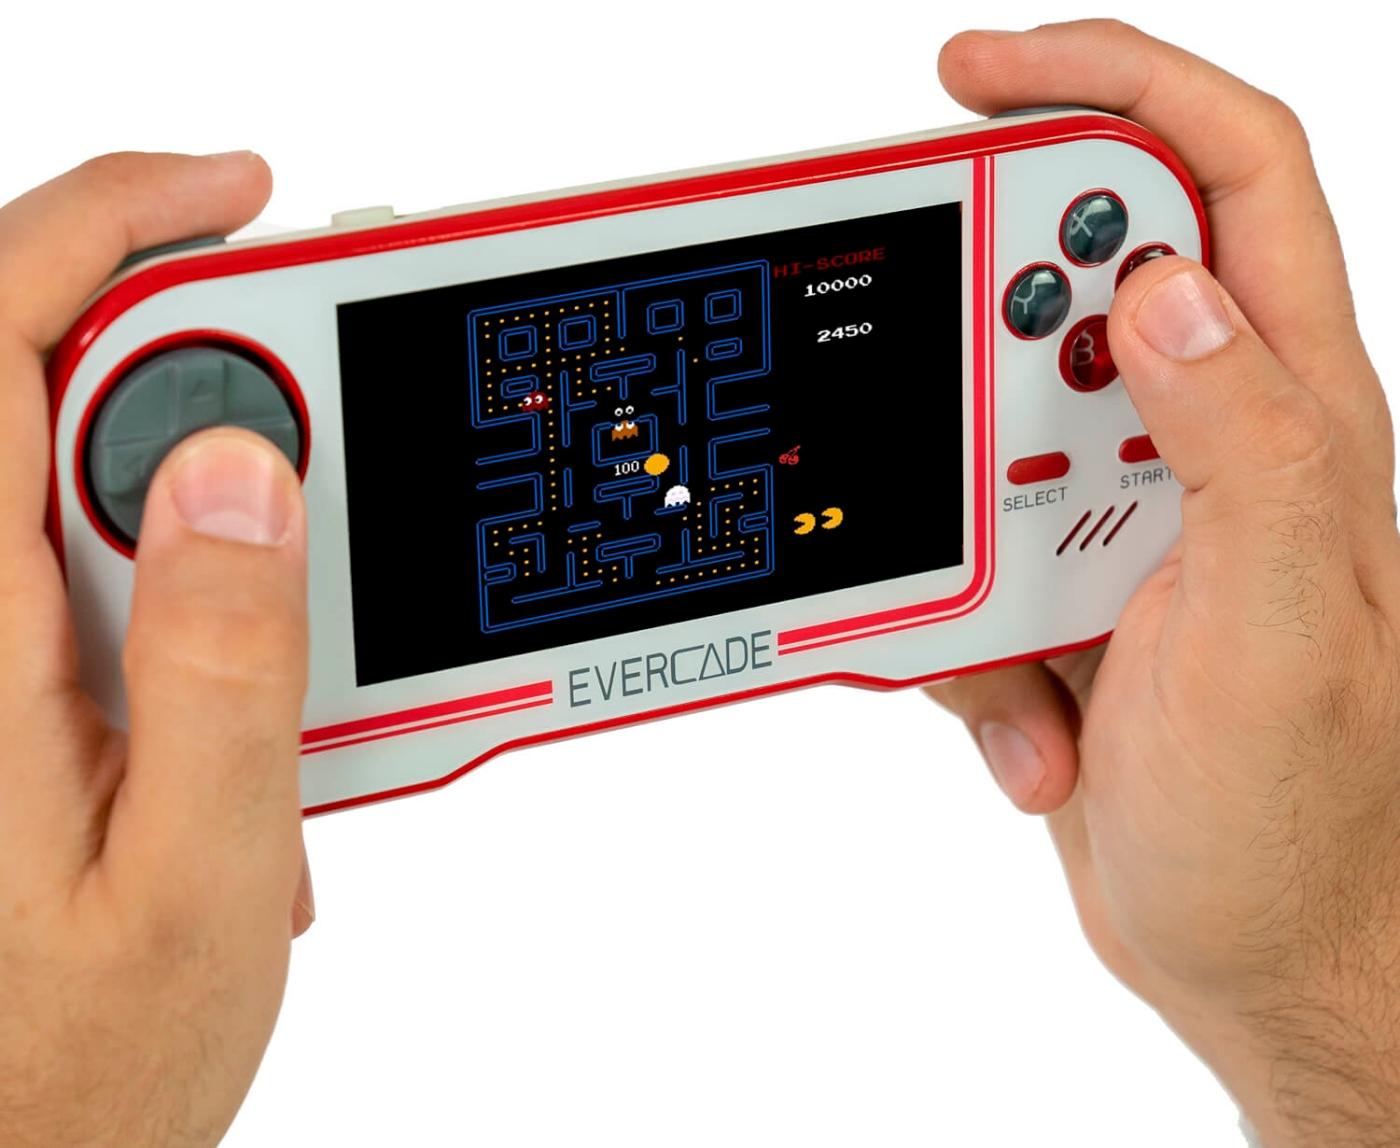 La Evercade se parece mucho también a la Nintendo Switch Lite